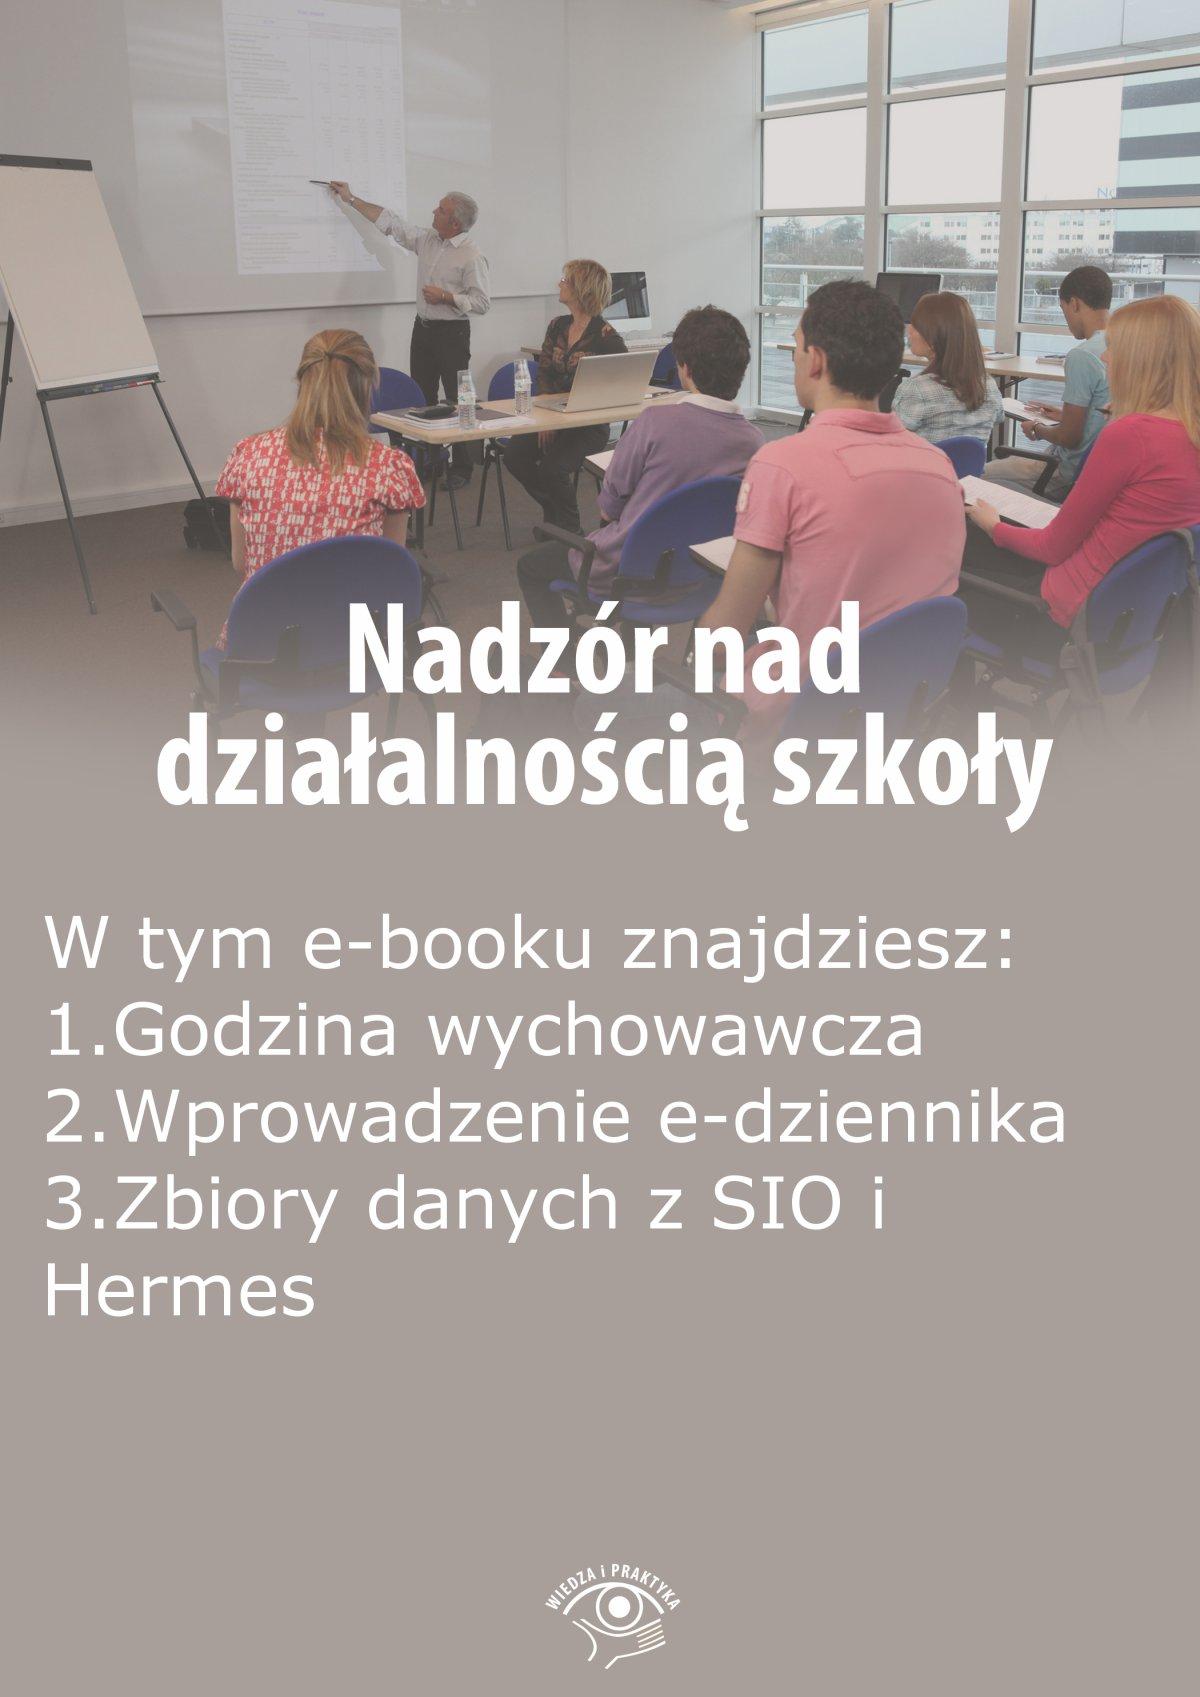 Nadzór nad działalnością szkoły, wydanie wrzesień 2015 r. - Ebook (Książka EPUB) do pobrania w formacie EPUB